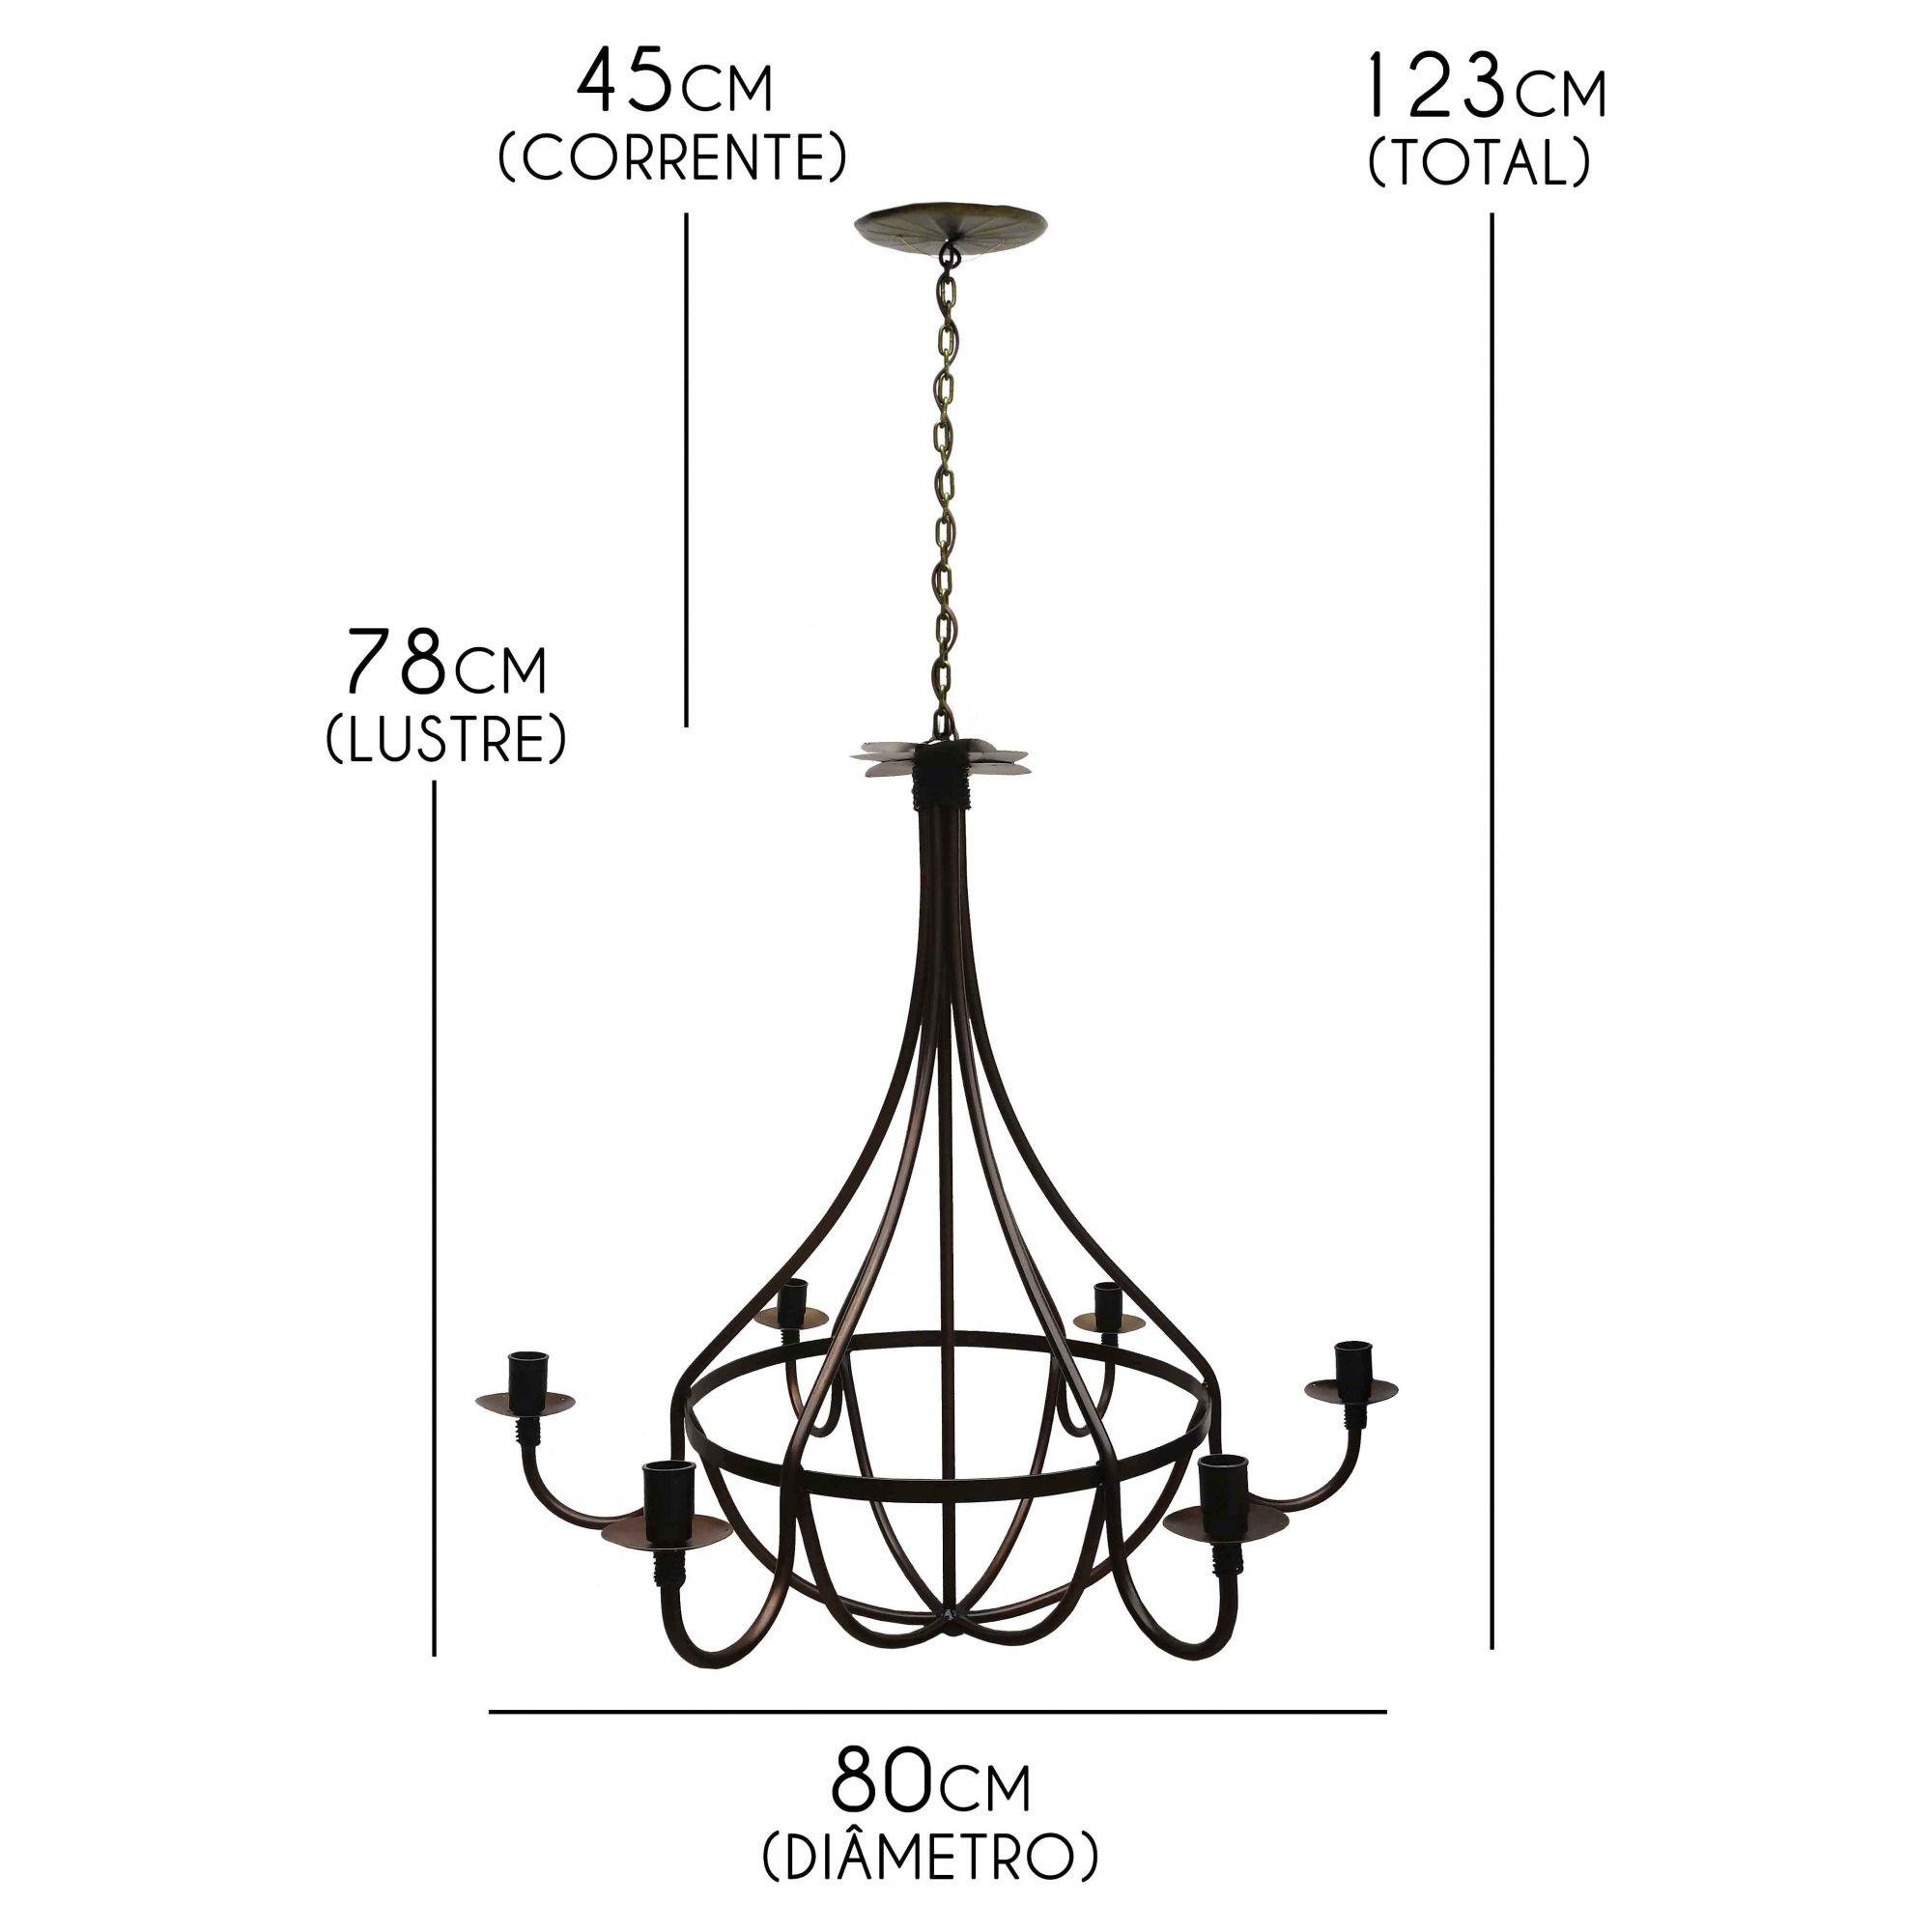 Luminaria para Sala Grande Decoração e Iluminação Artesanal Vintage